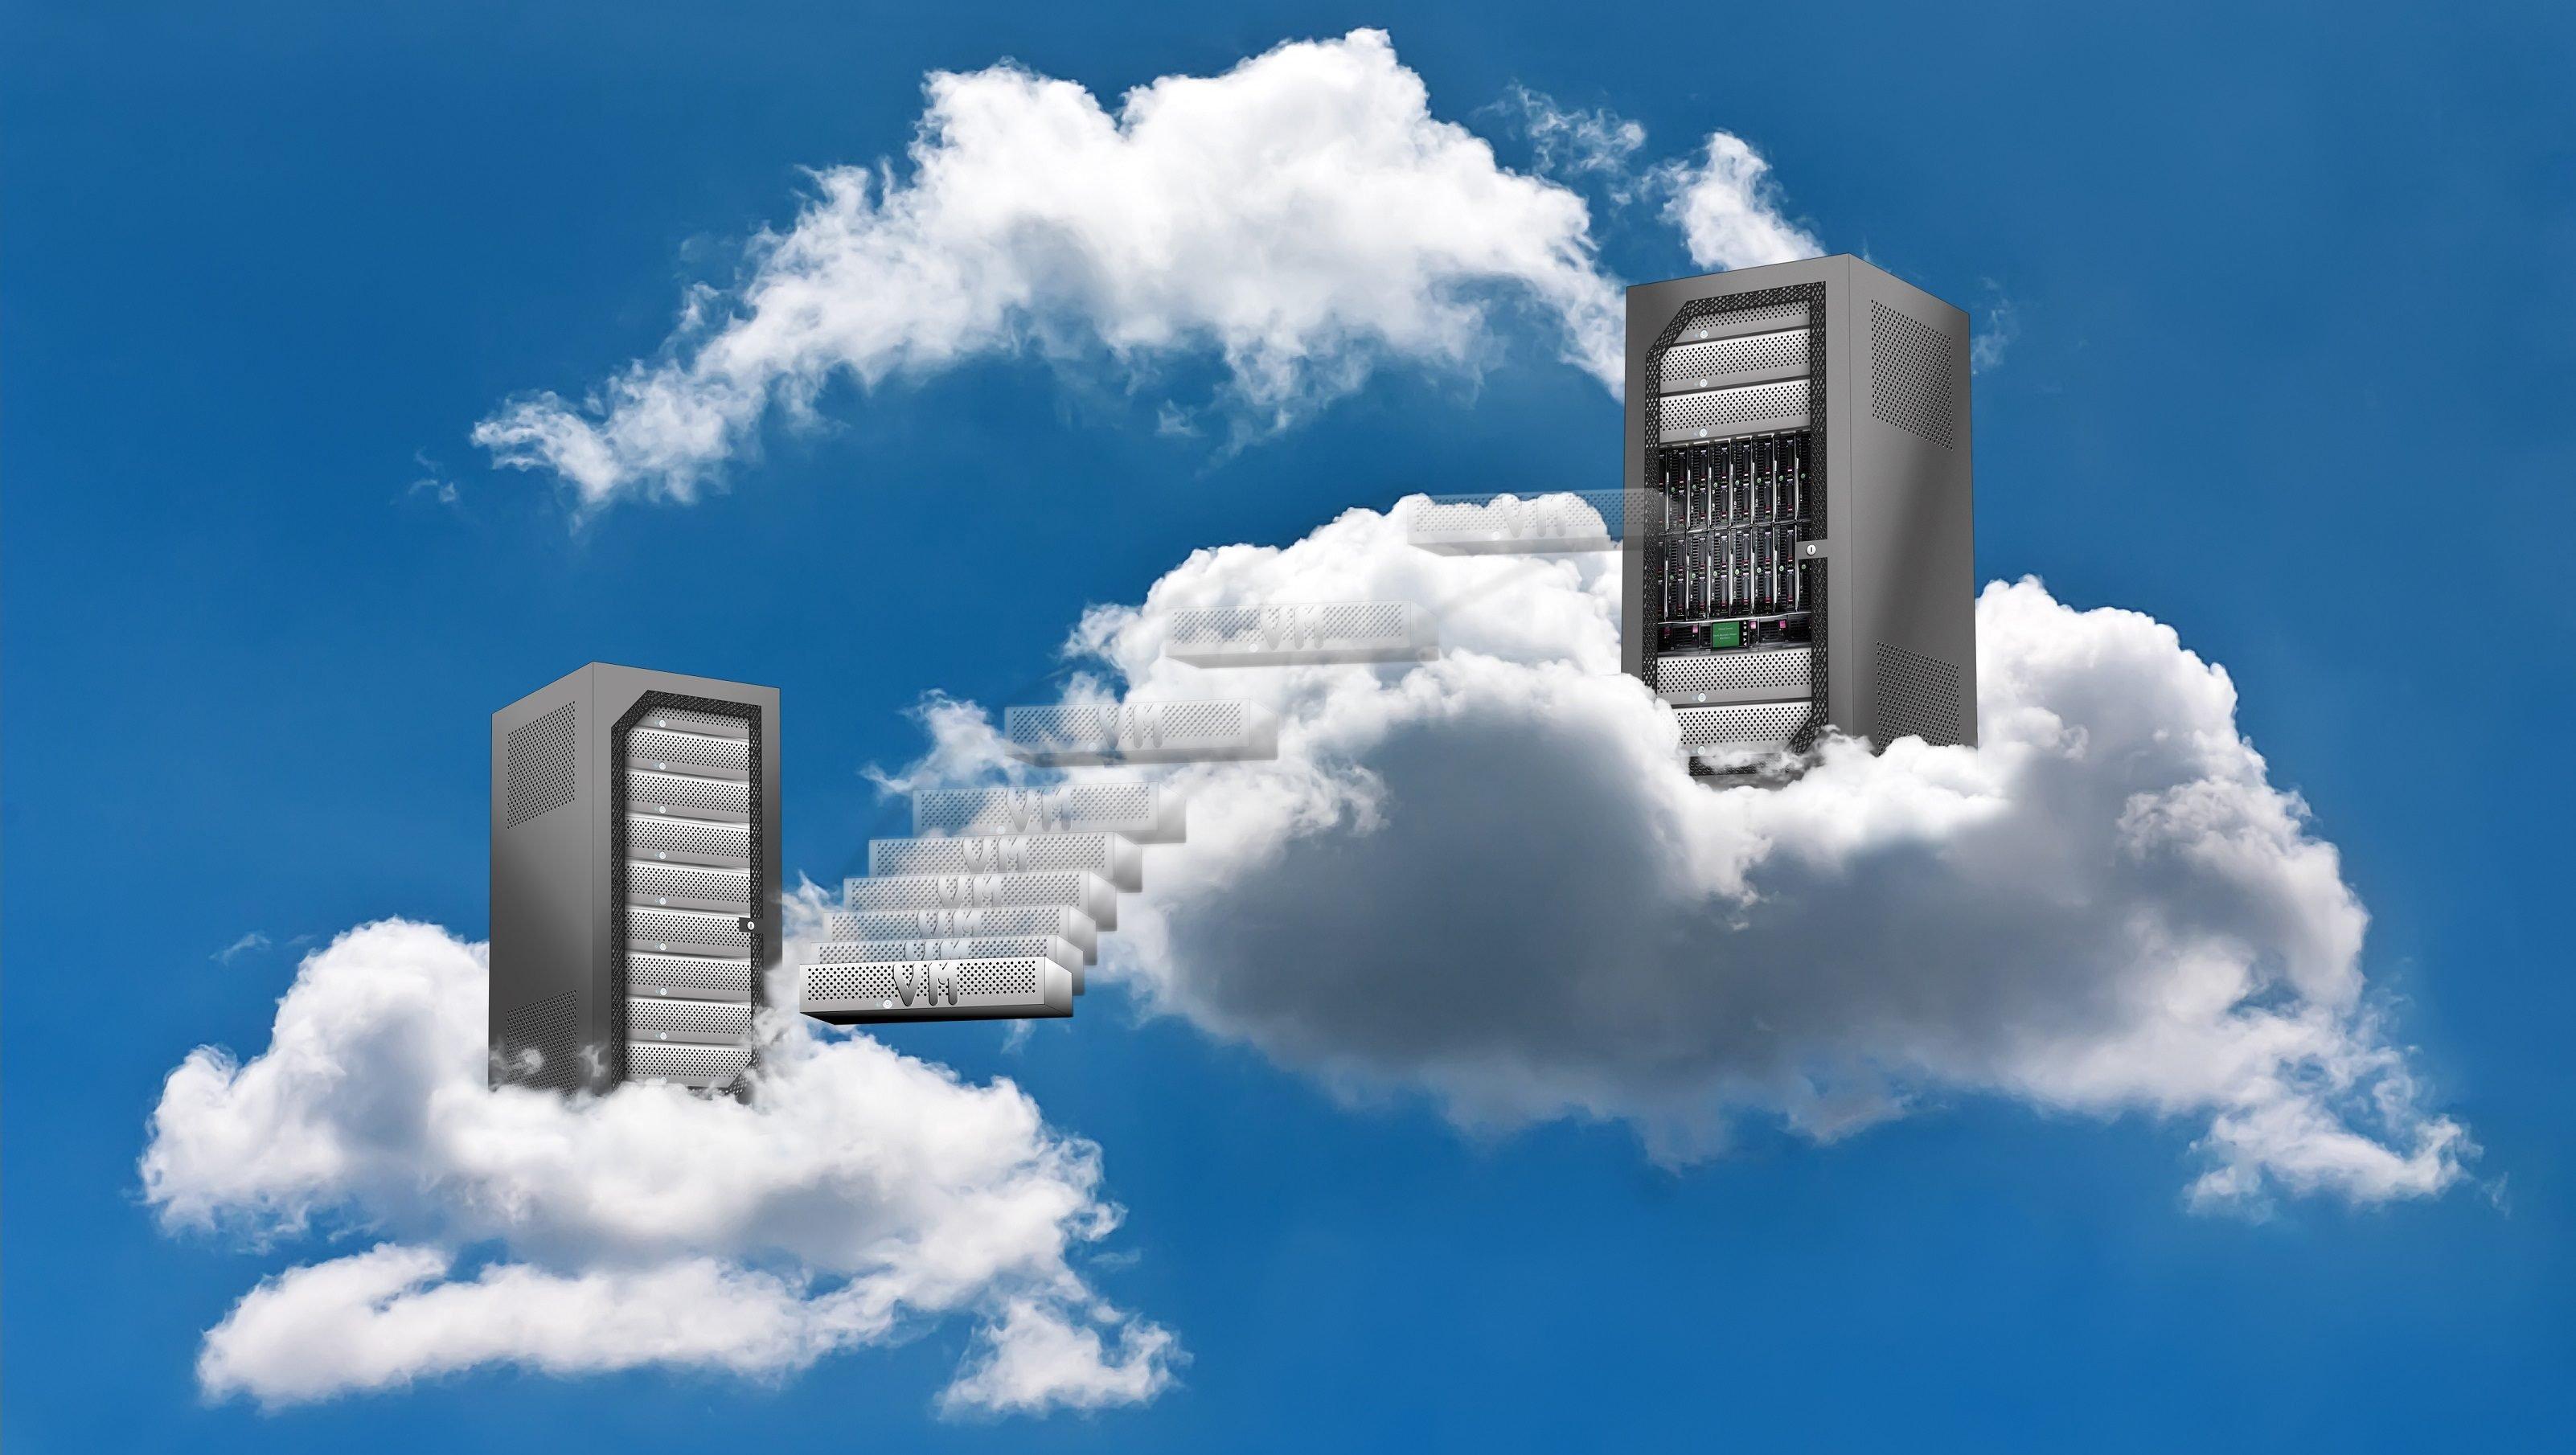 Опрос IDC: треть провайдеров облачных сервисов готова поменять бизнес-модель в течение двух лет